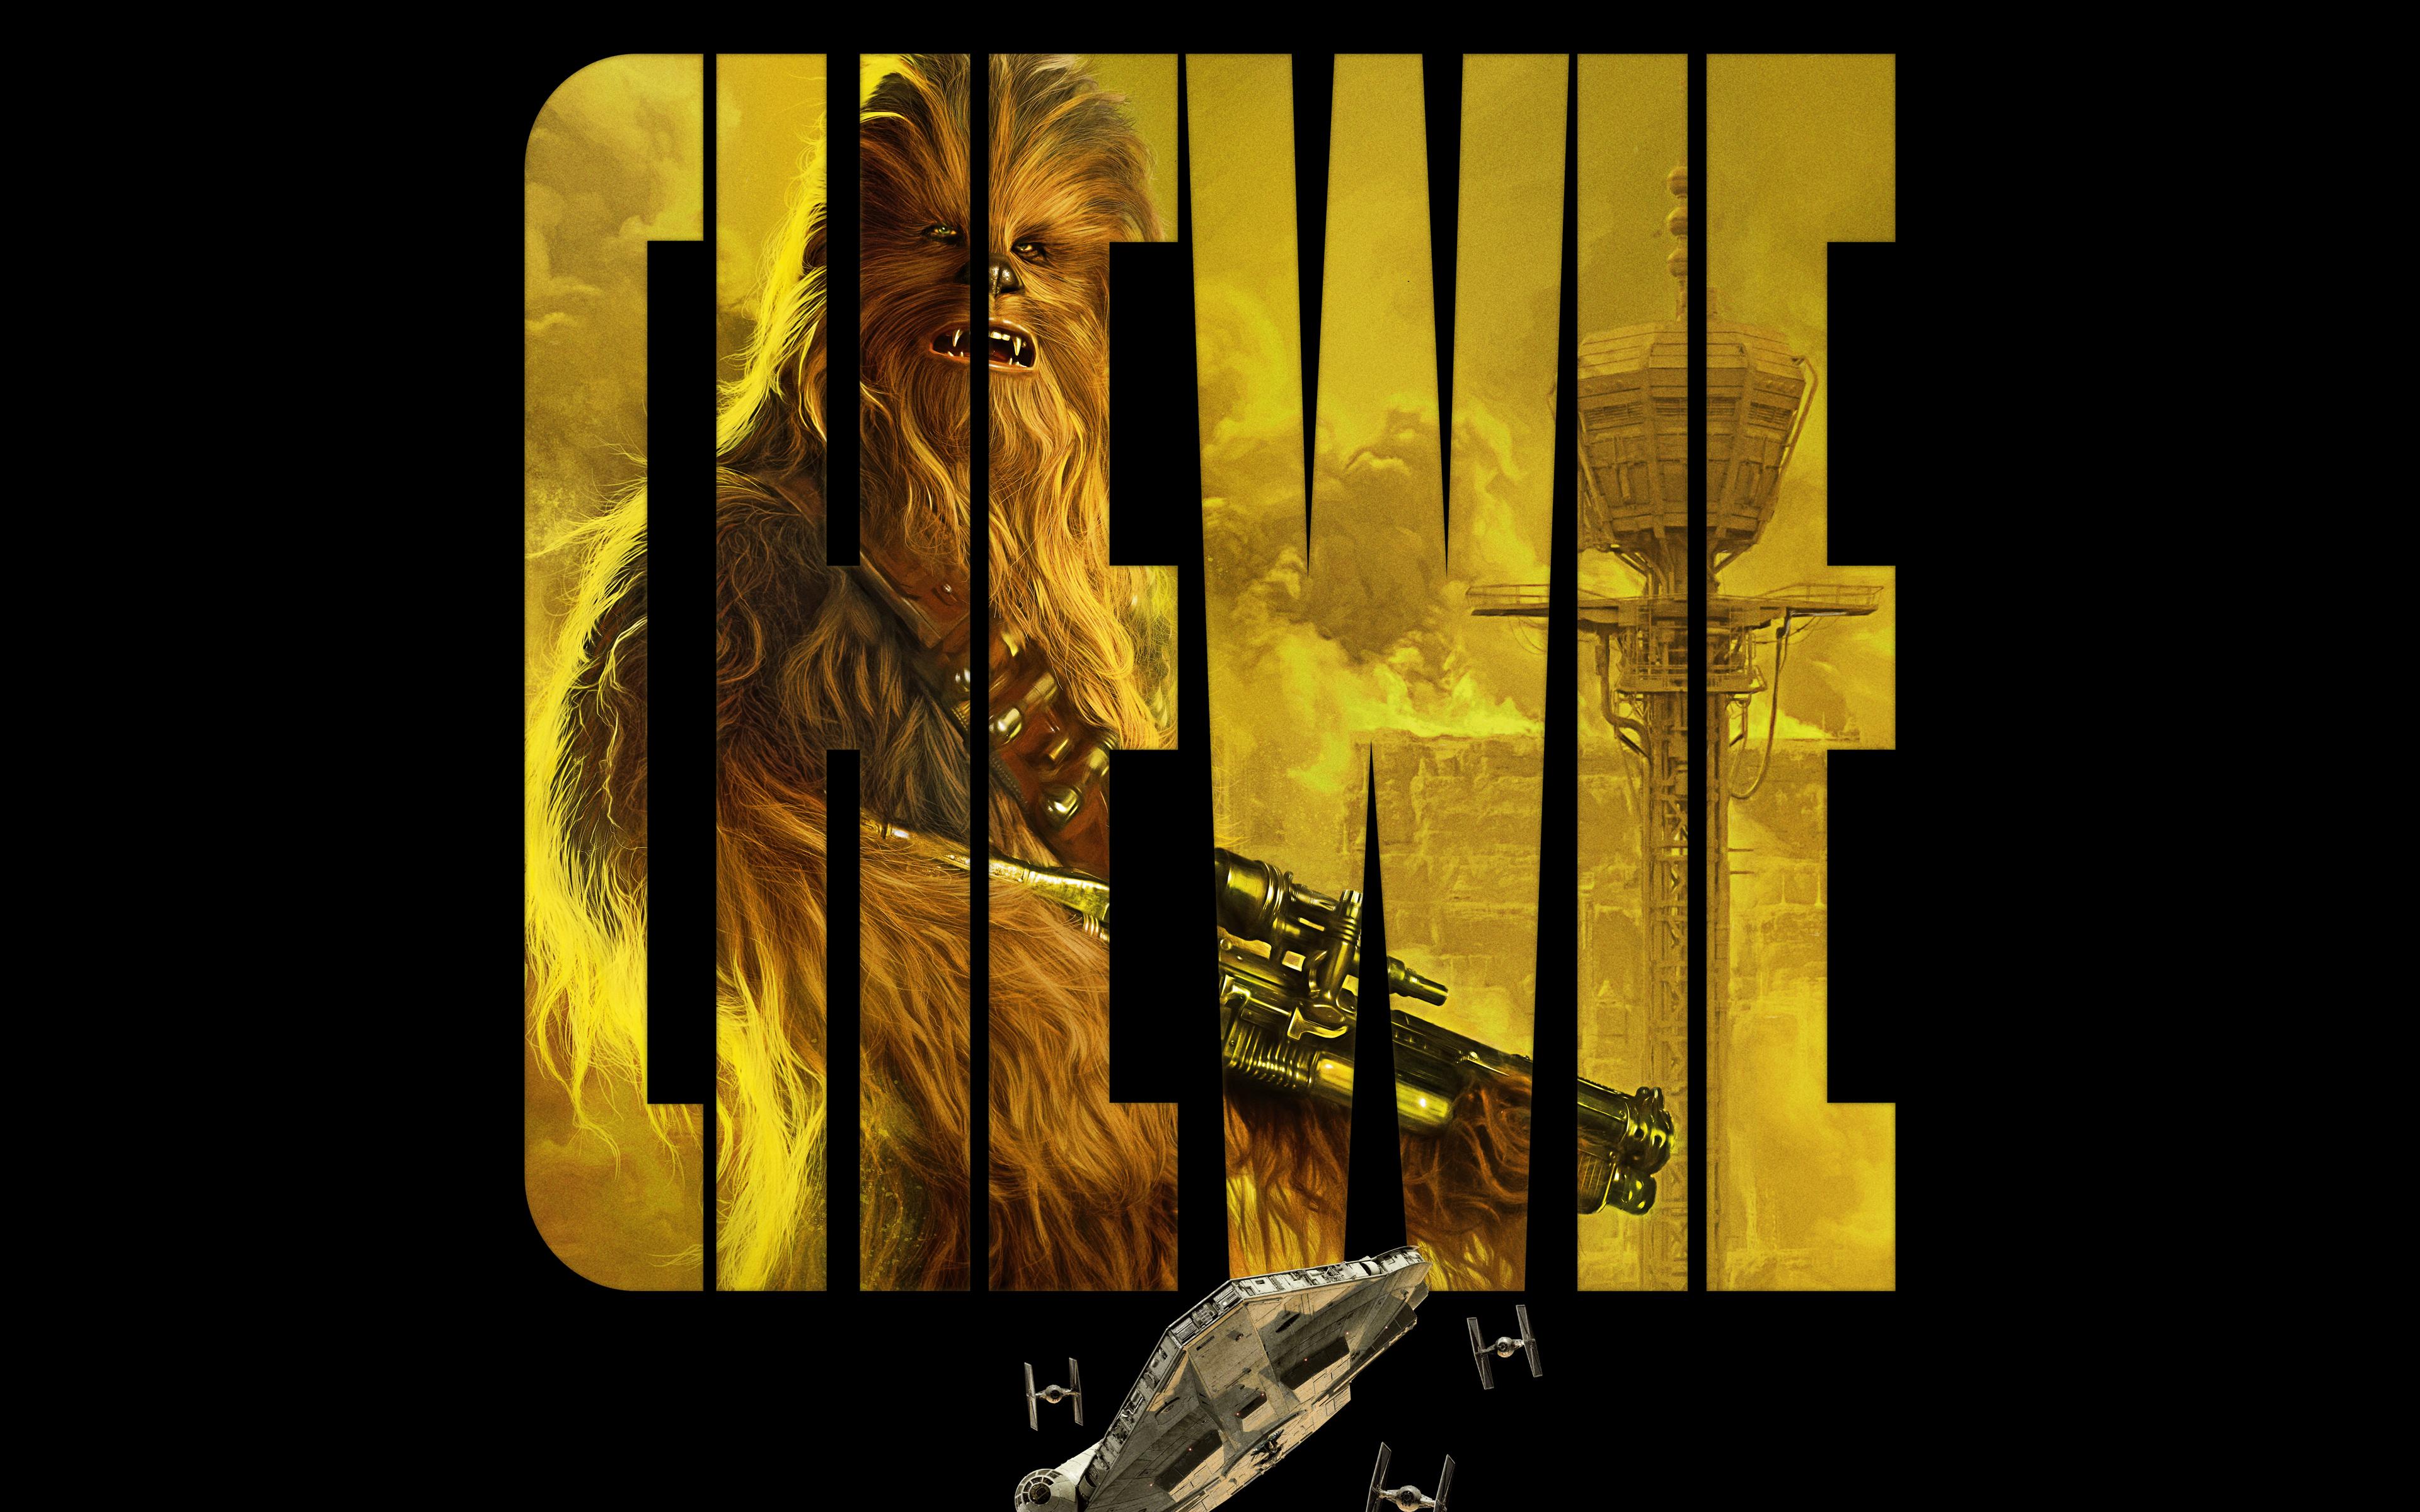 Chewie в соло история Звездных войн обои скачать